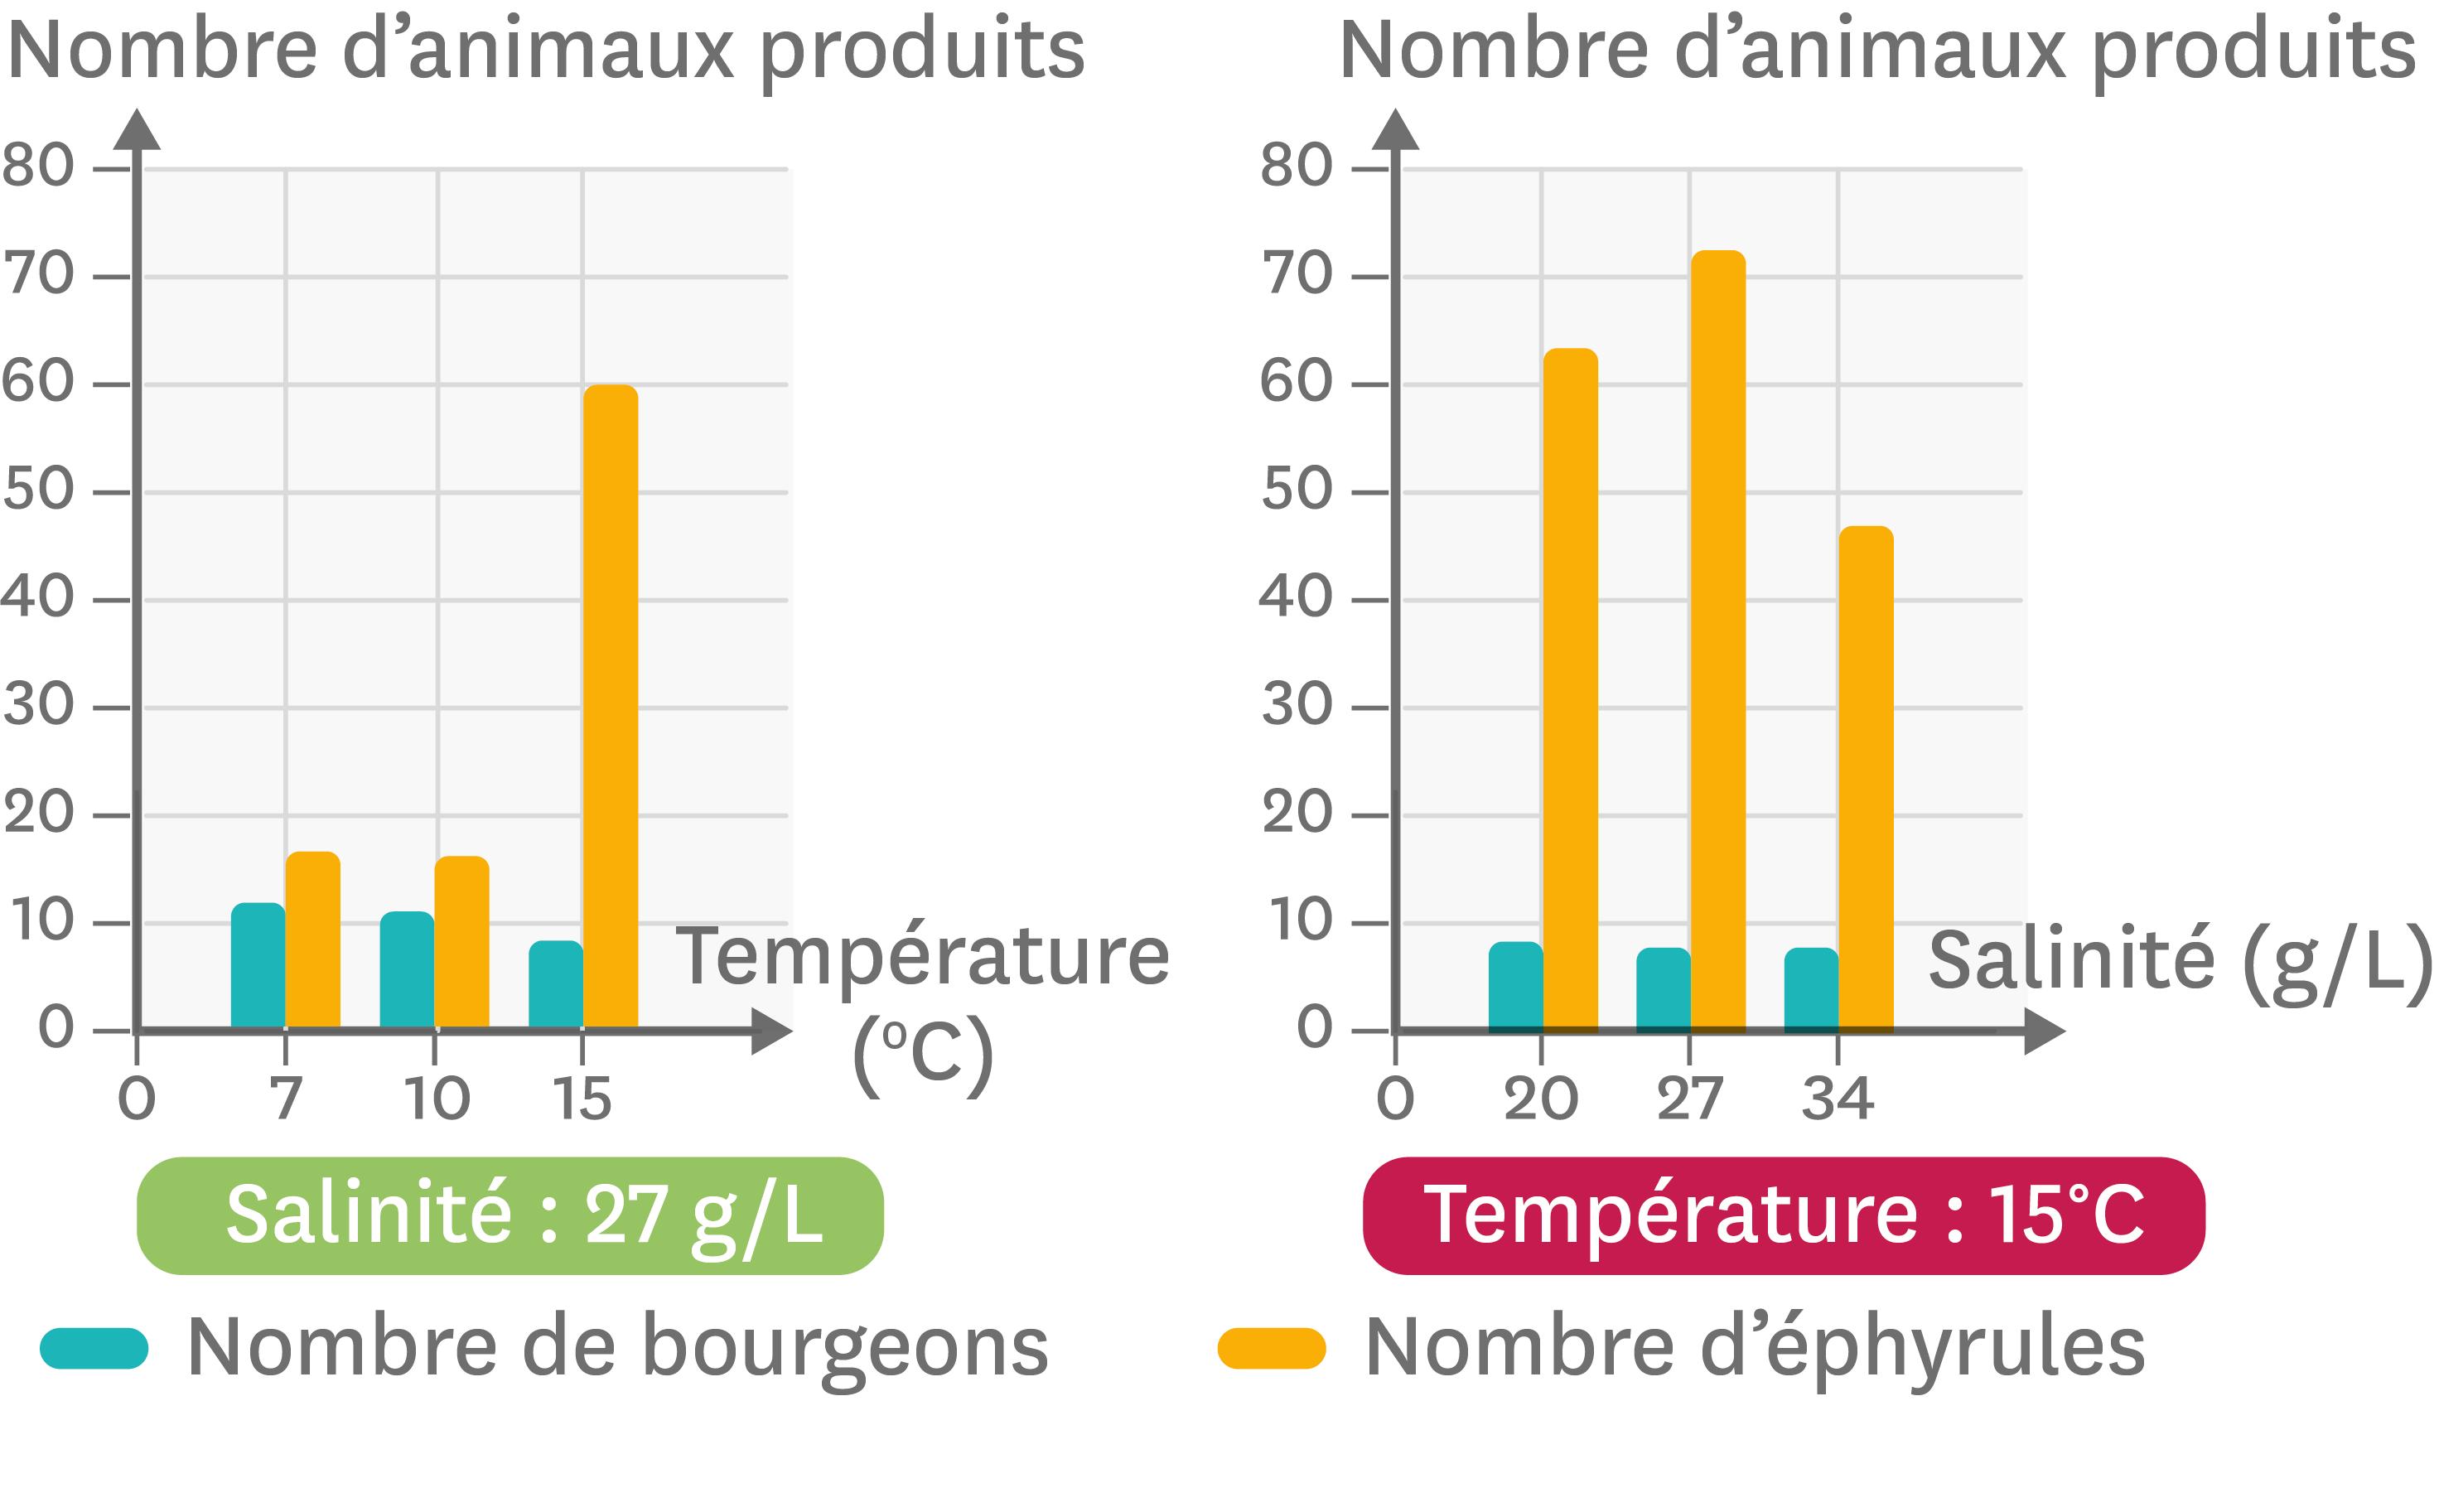 Les variations du nombre de bourgeons et d'éphyrules en fonction de la température et de la salinité du milieu.